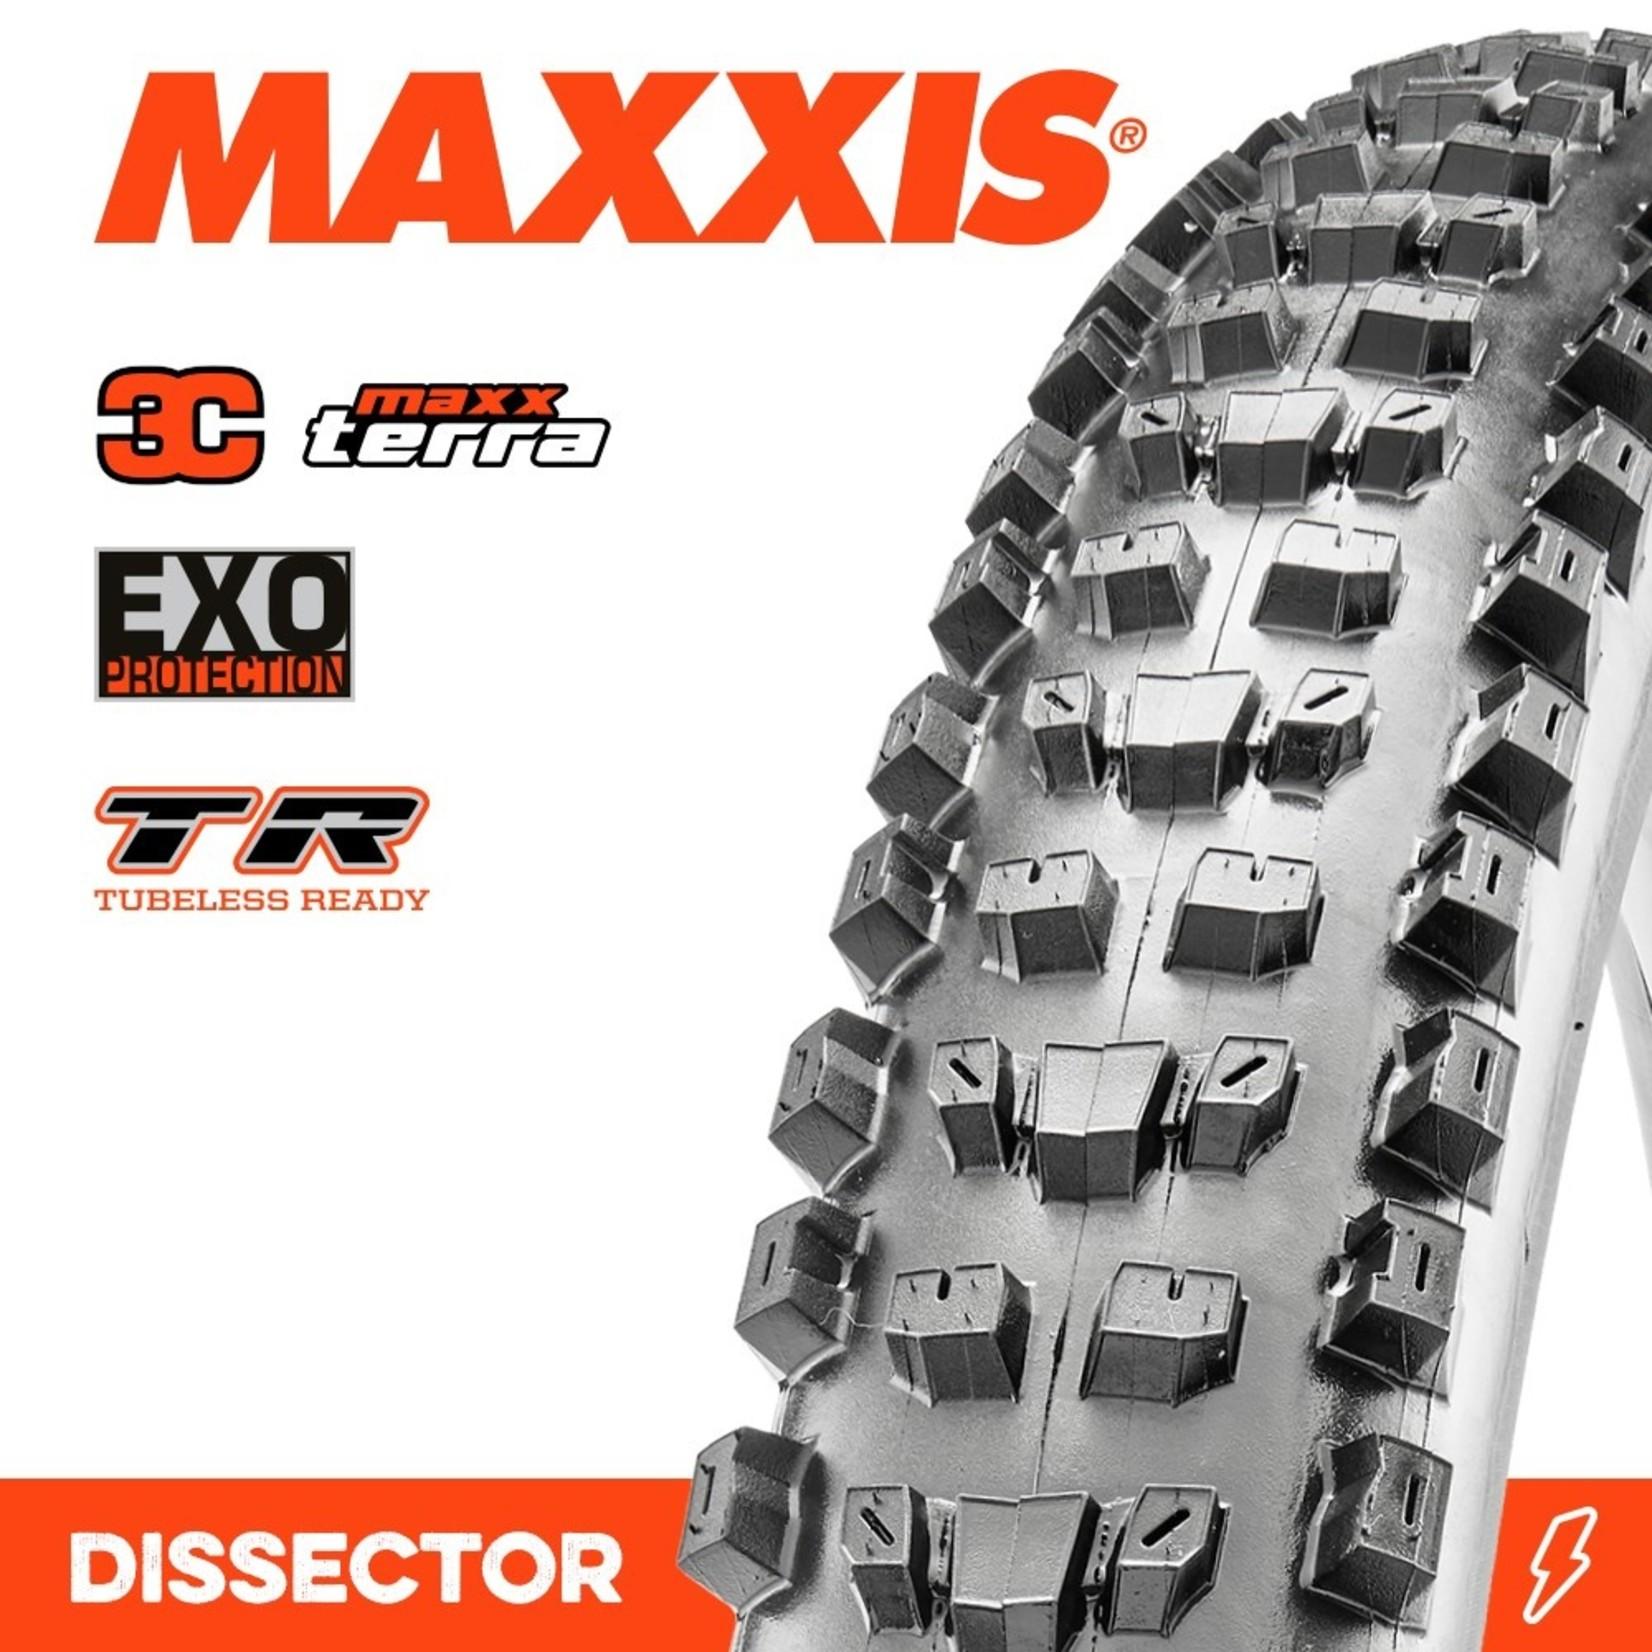 Maxxis Maxxis, Tyre Dissector 27.5x2.40WT 3C Maxx Terra EXO TR 60TPI Black